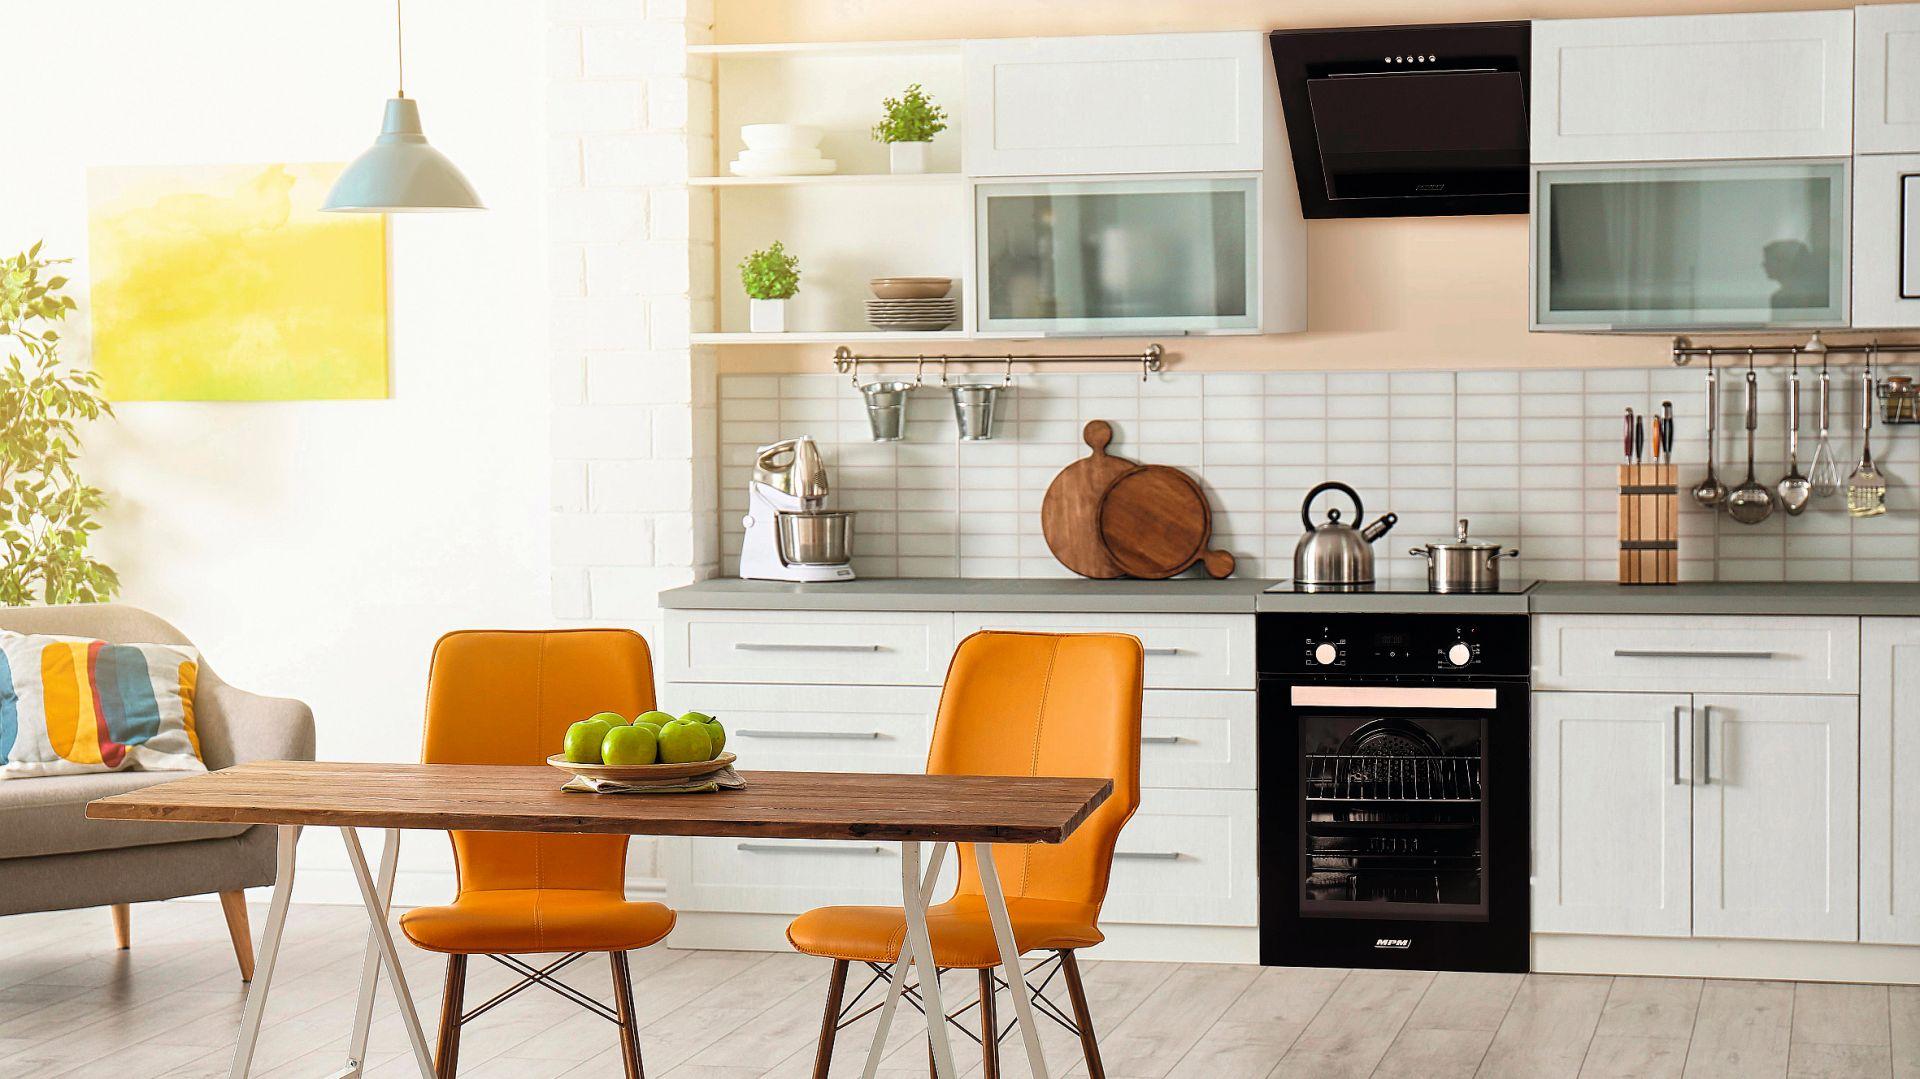 MPM 45 - linia sprzętów kuchennych o szerokości zaledwie 45 cm, które idealnie wpisują się w koncepcję kompaktowych pomieszczeń. Fot. MPM